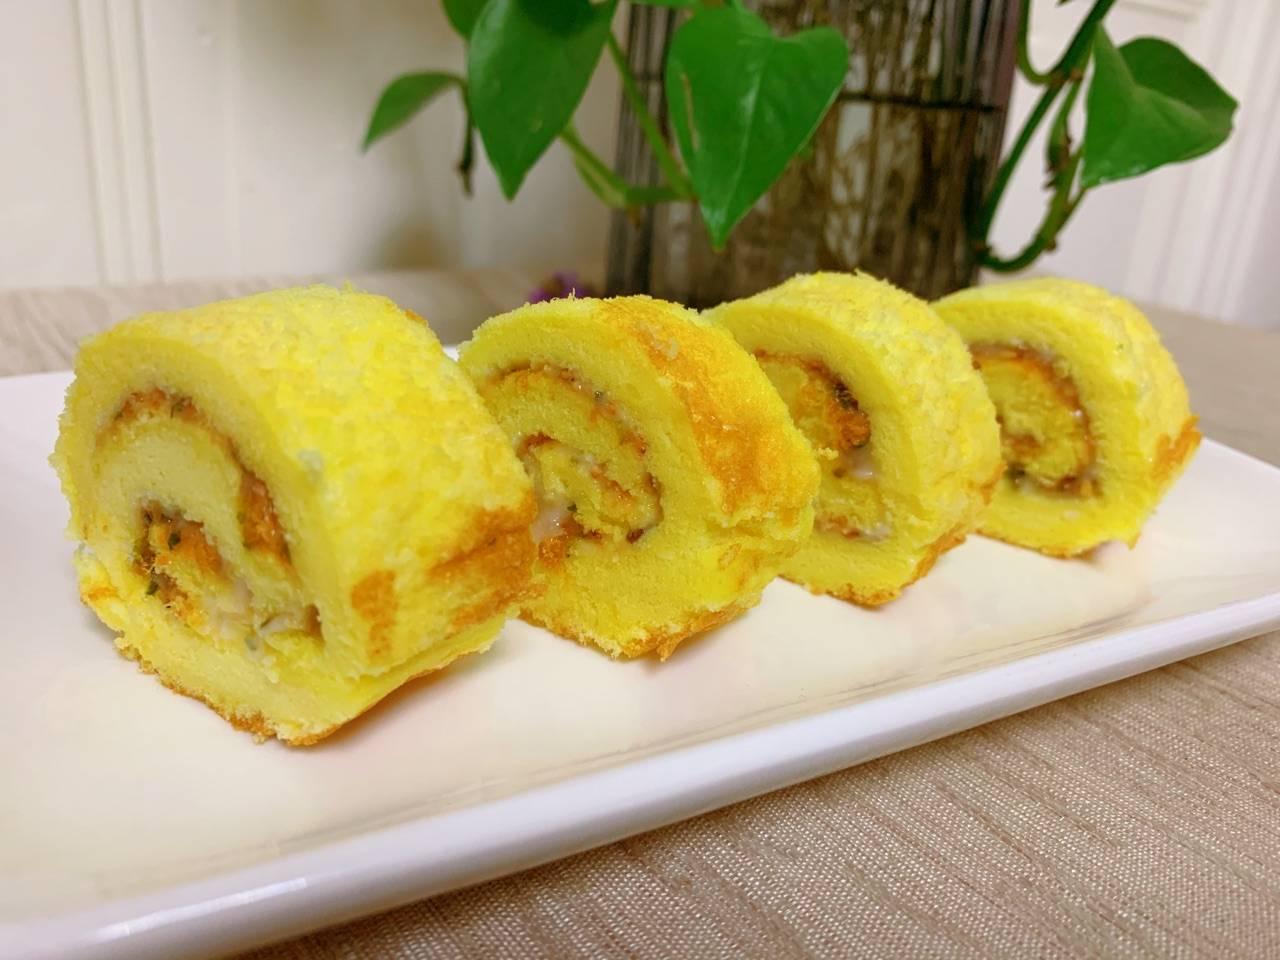 原創             【蔥花肉鬆蛋糕卷】的做法+配方,這個口味小孩很愛吃,美味好吃